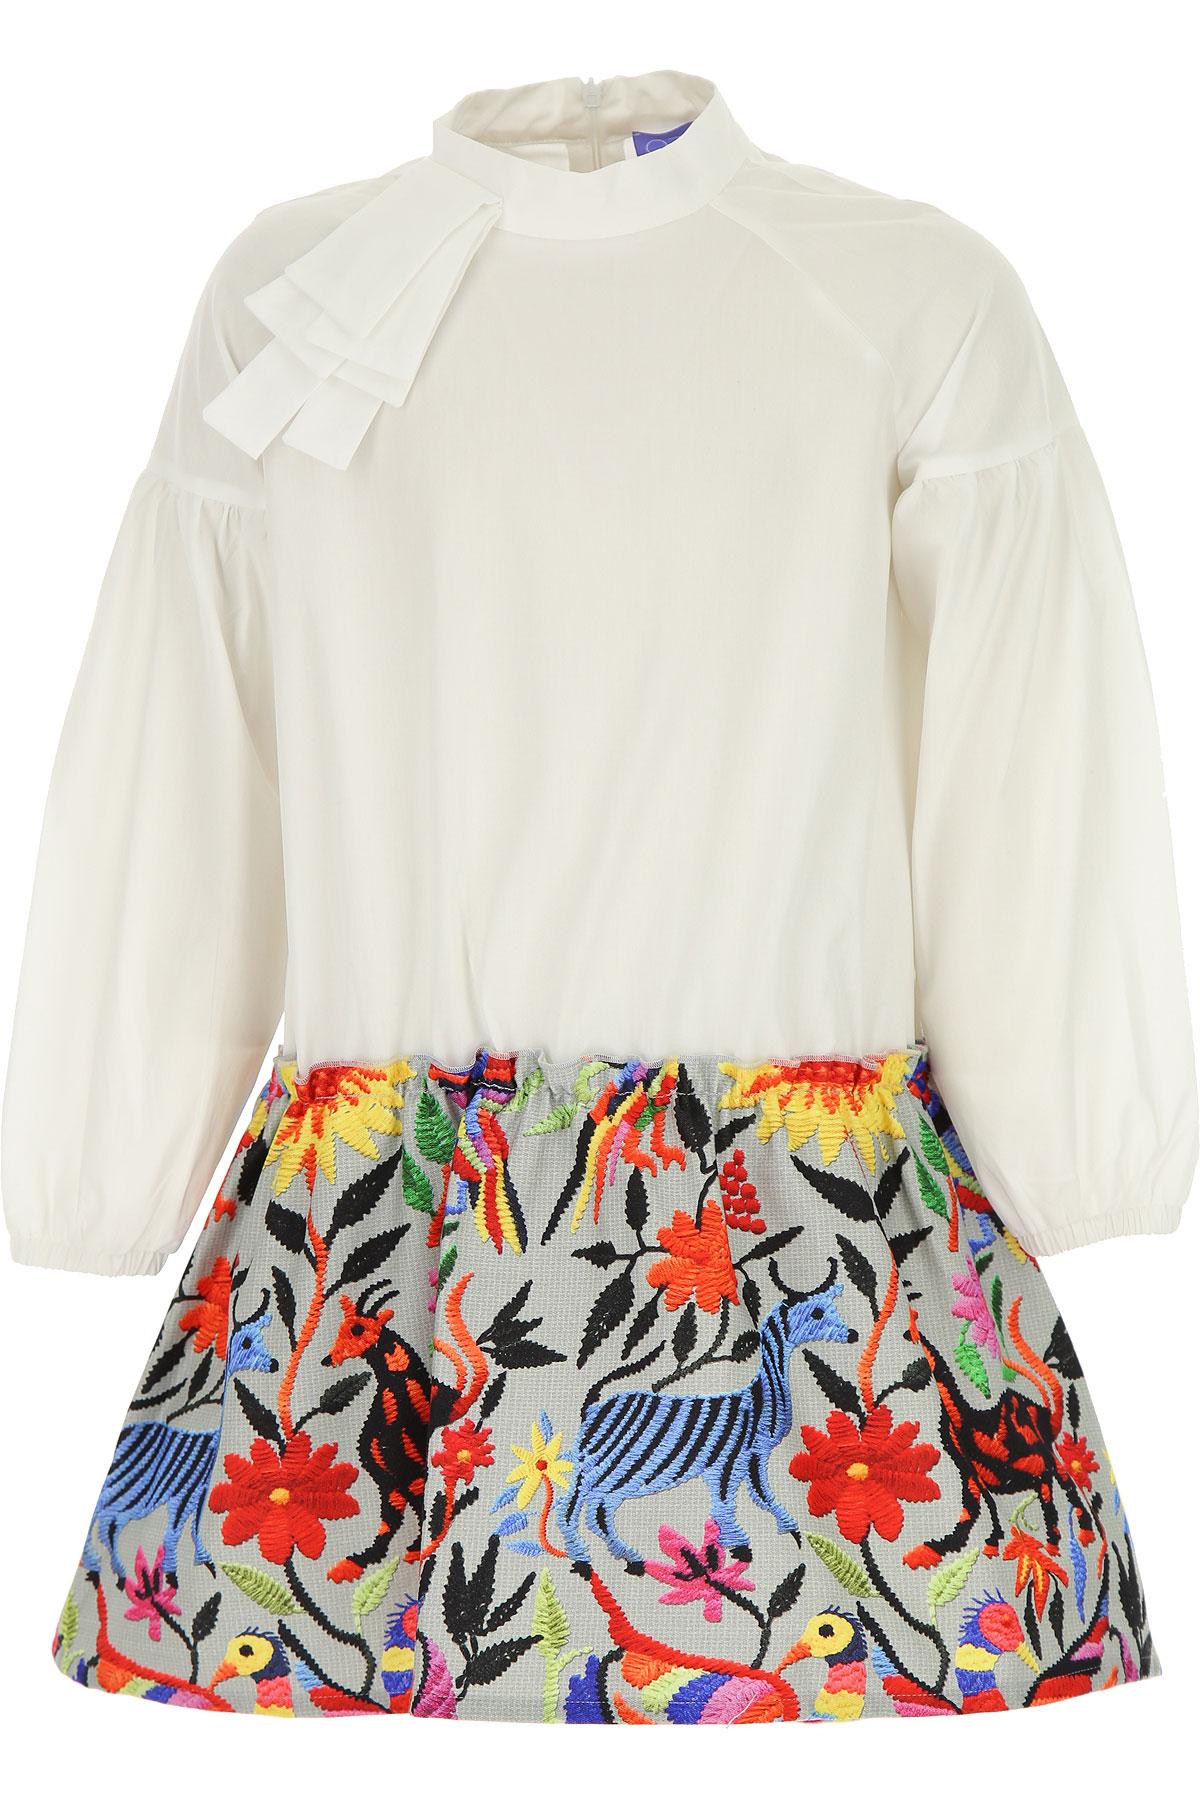 Stella Jean Girls Dress On Sale, White, Cotton, 2019, 10Y 4Y 6Y 8Y